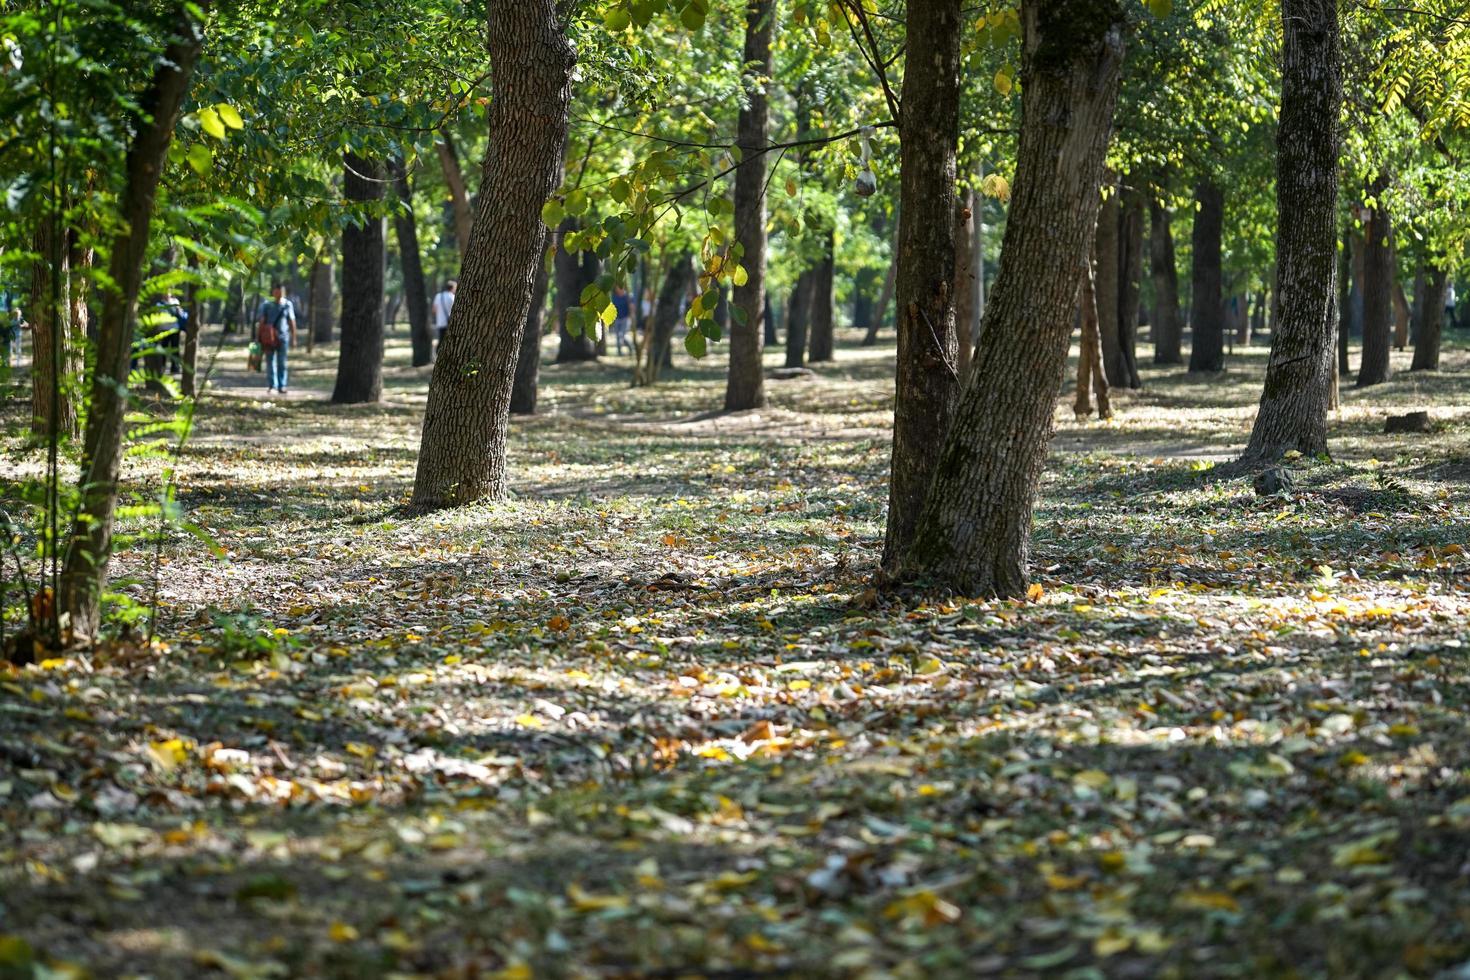 alberi in autunno parco con persone che camminano su sfondo sfocato foto